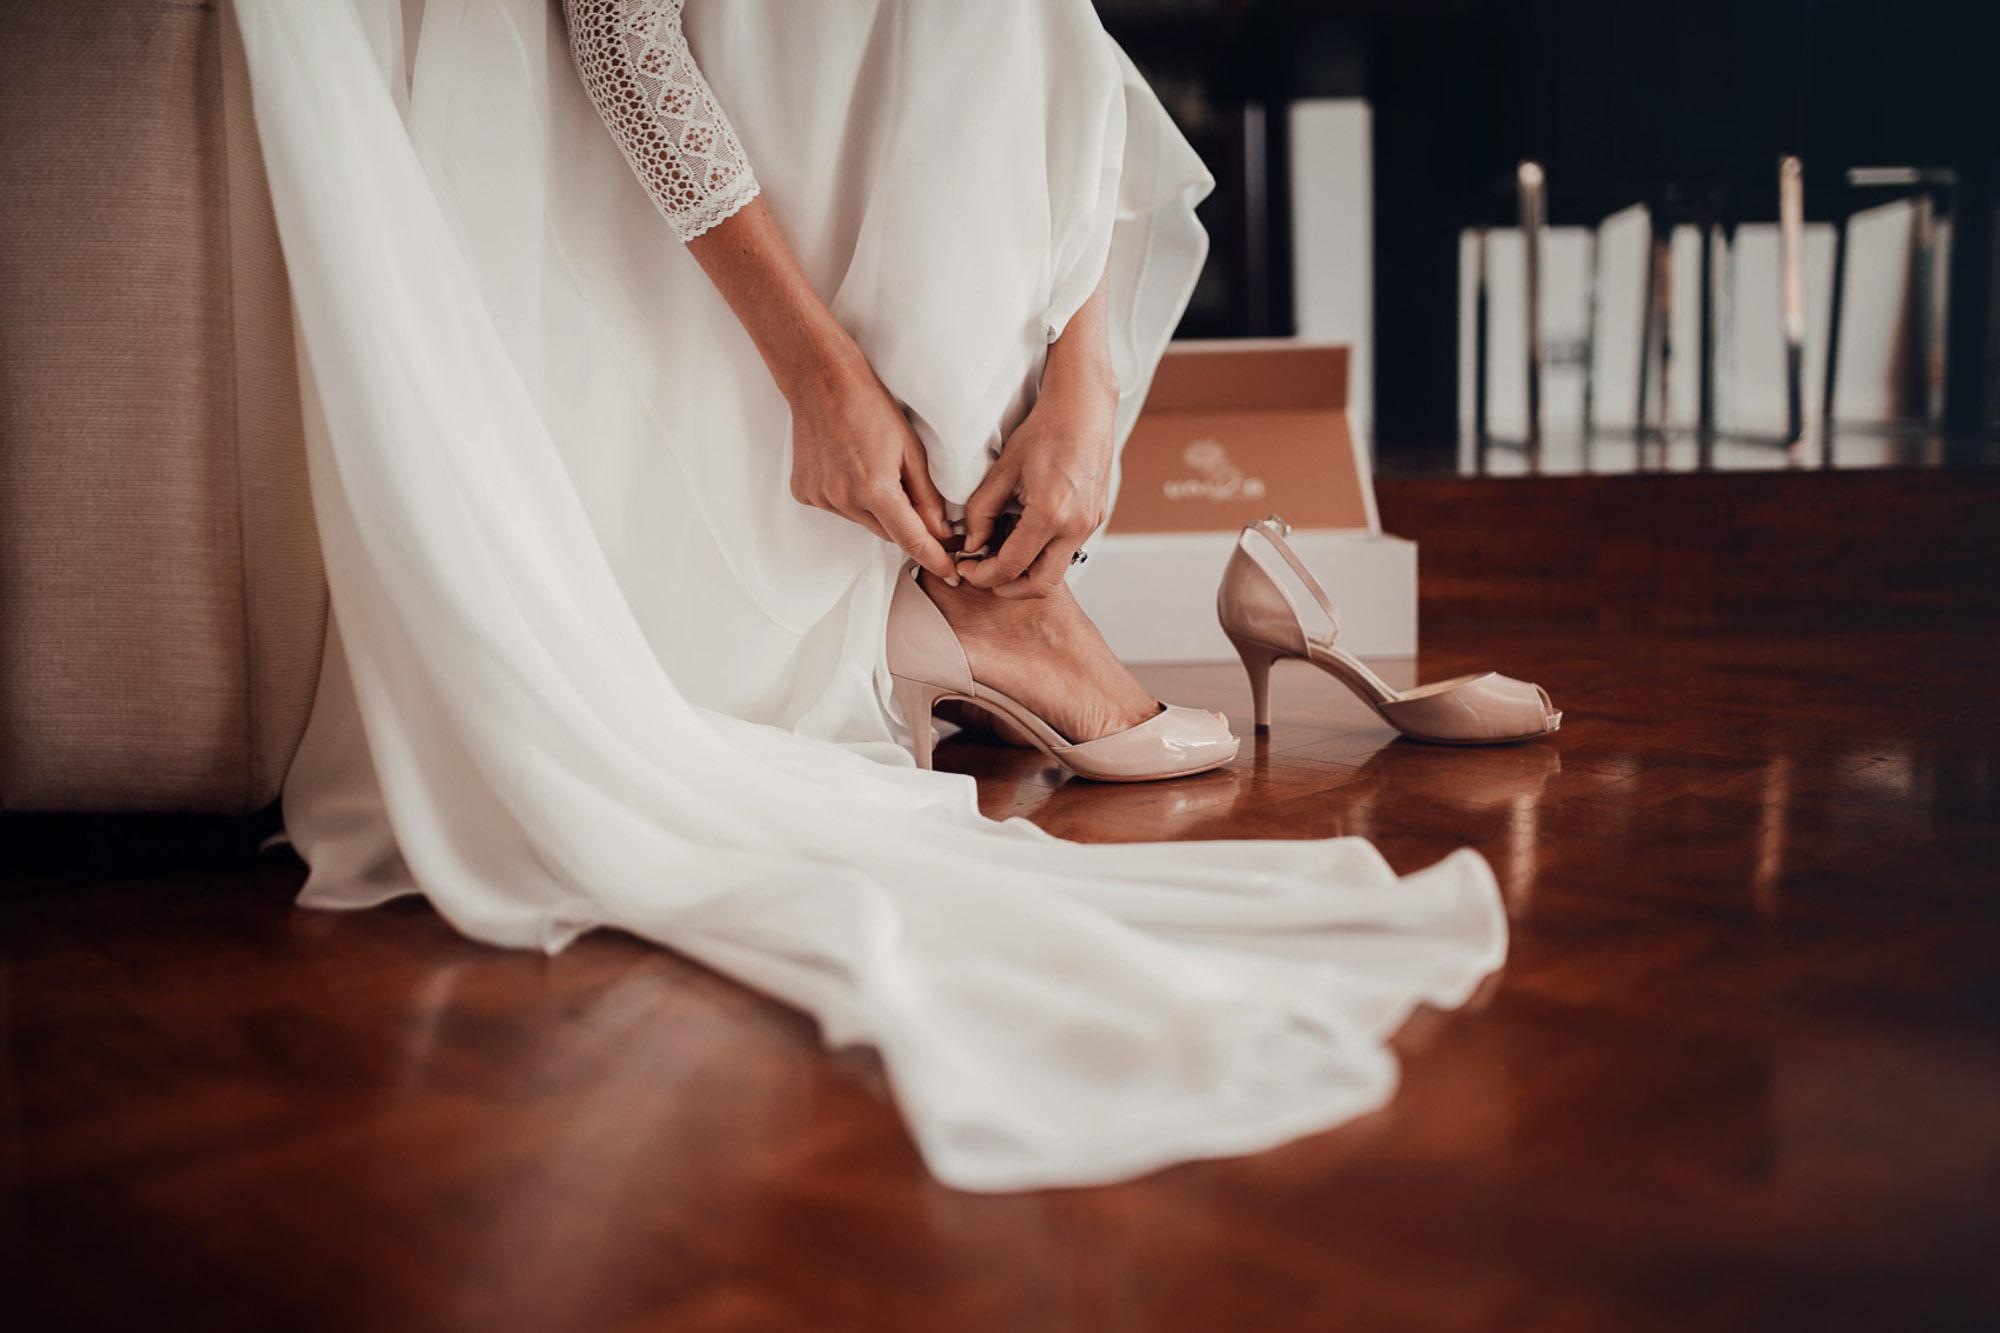 detalle zapatos tacones novia vestido blanco madera